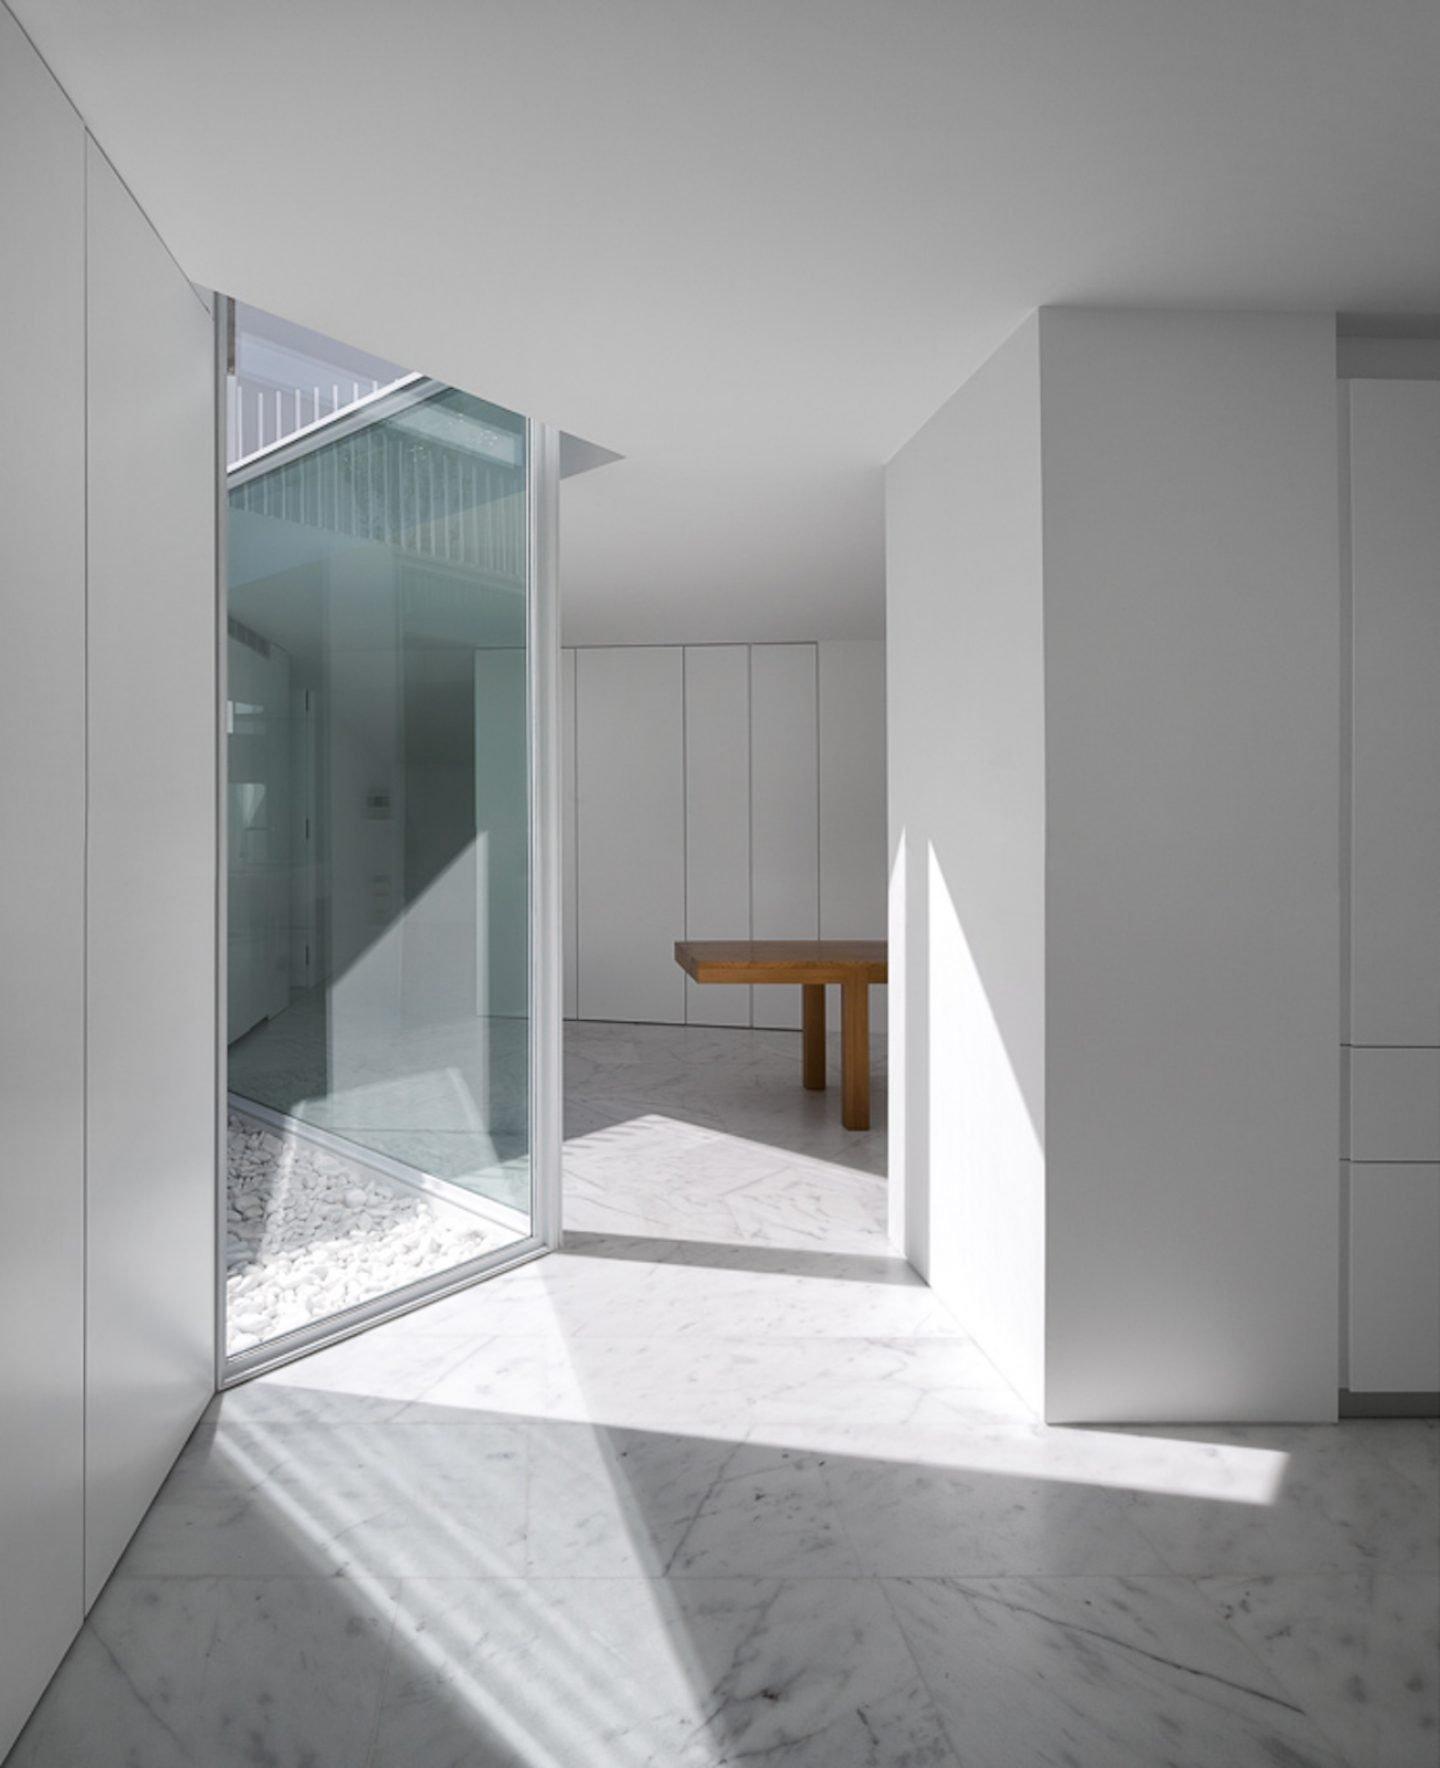 architecture_airesmateus_alcobaca_09